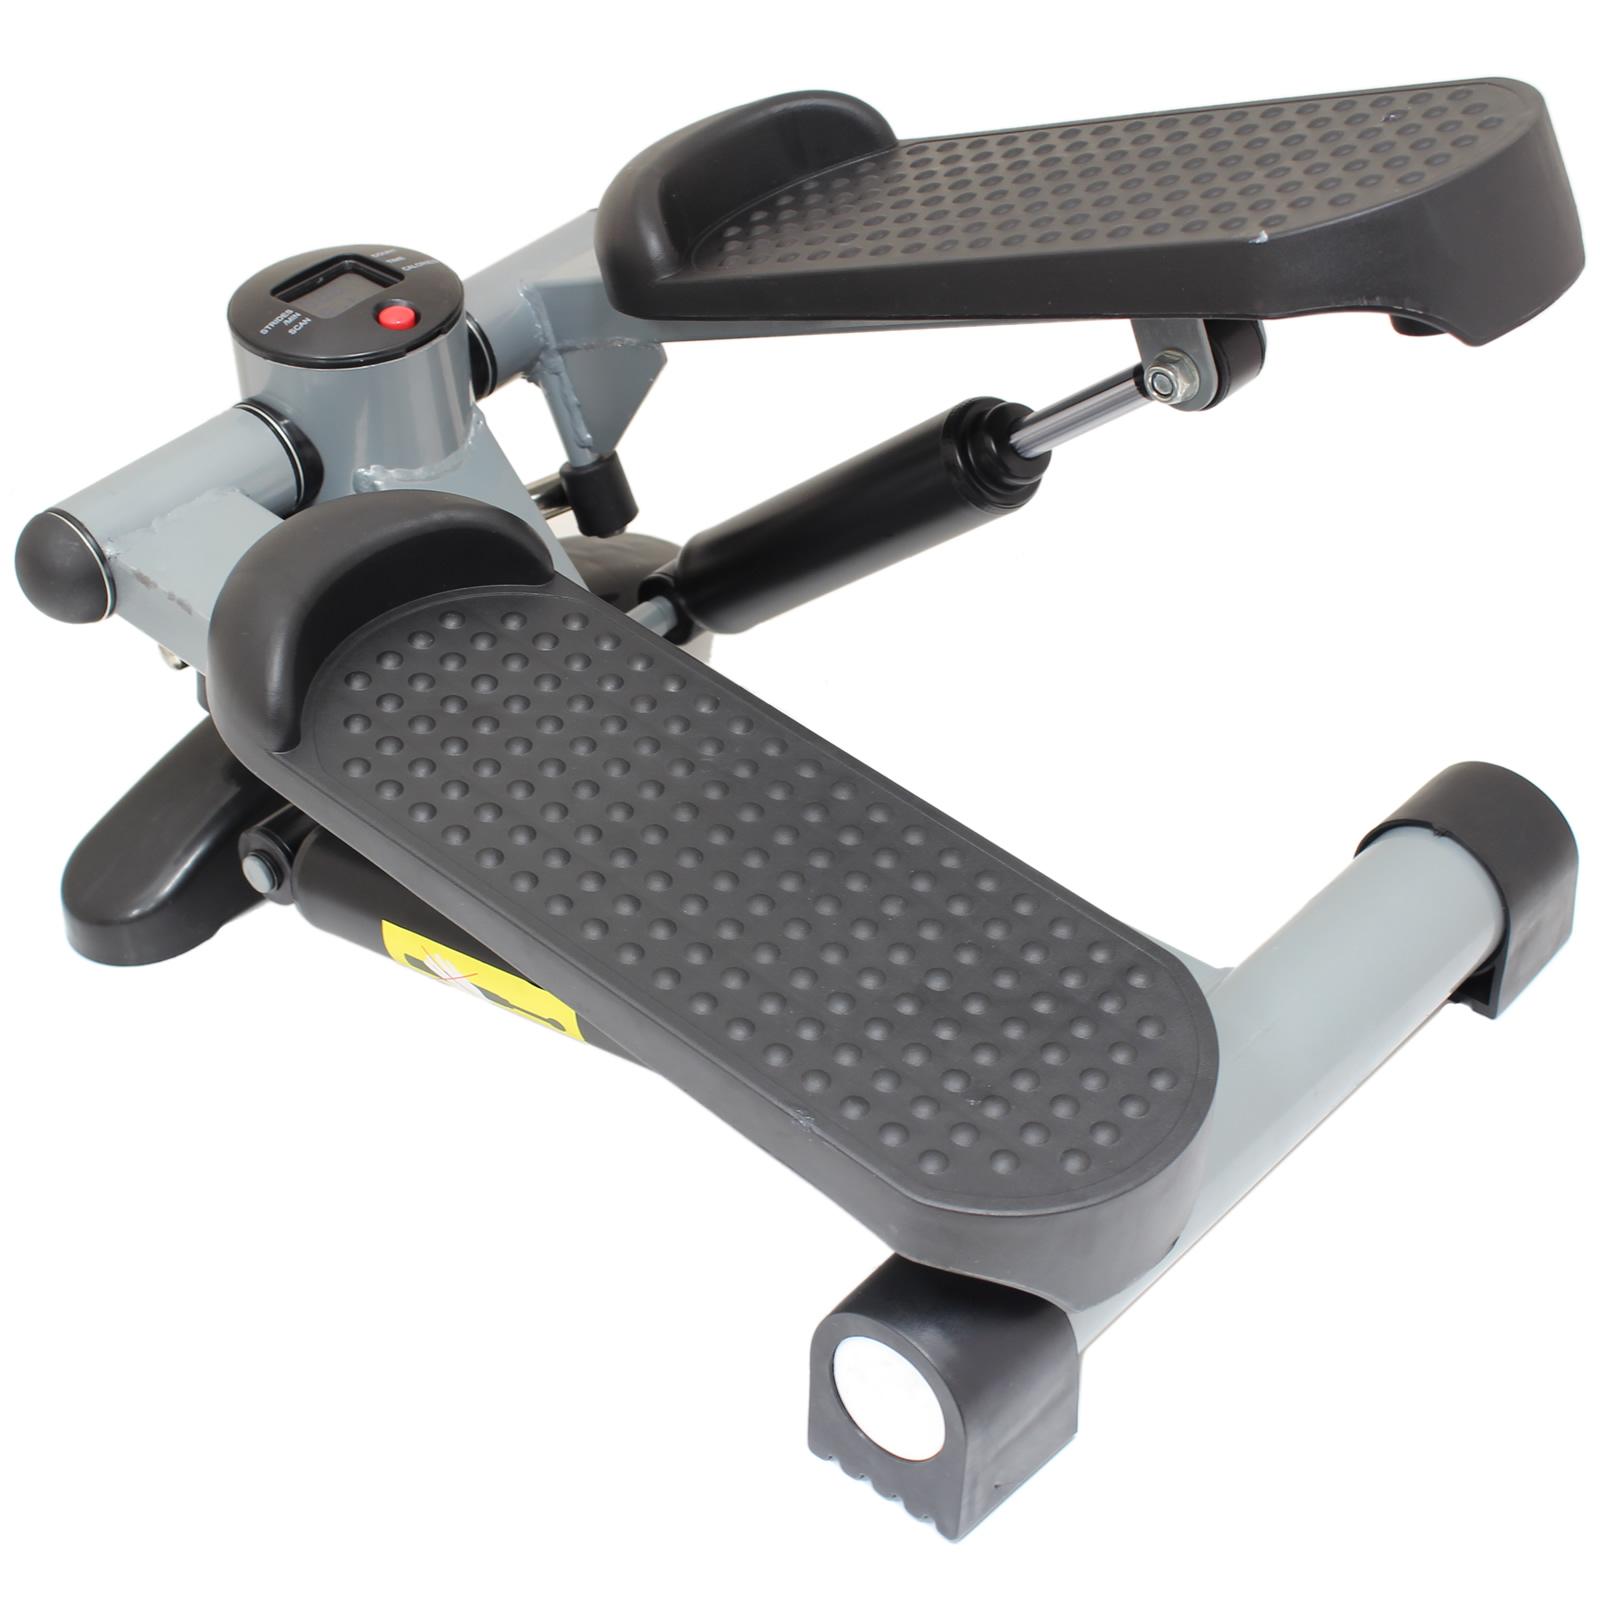 Mirafit Gym Stepper Leg Toner Toning Workout Machine Low